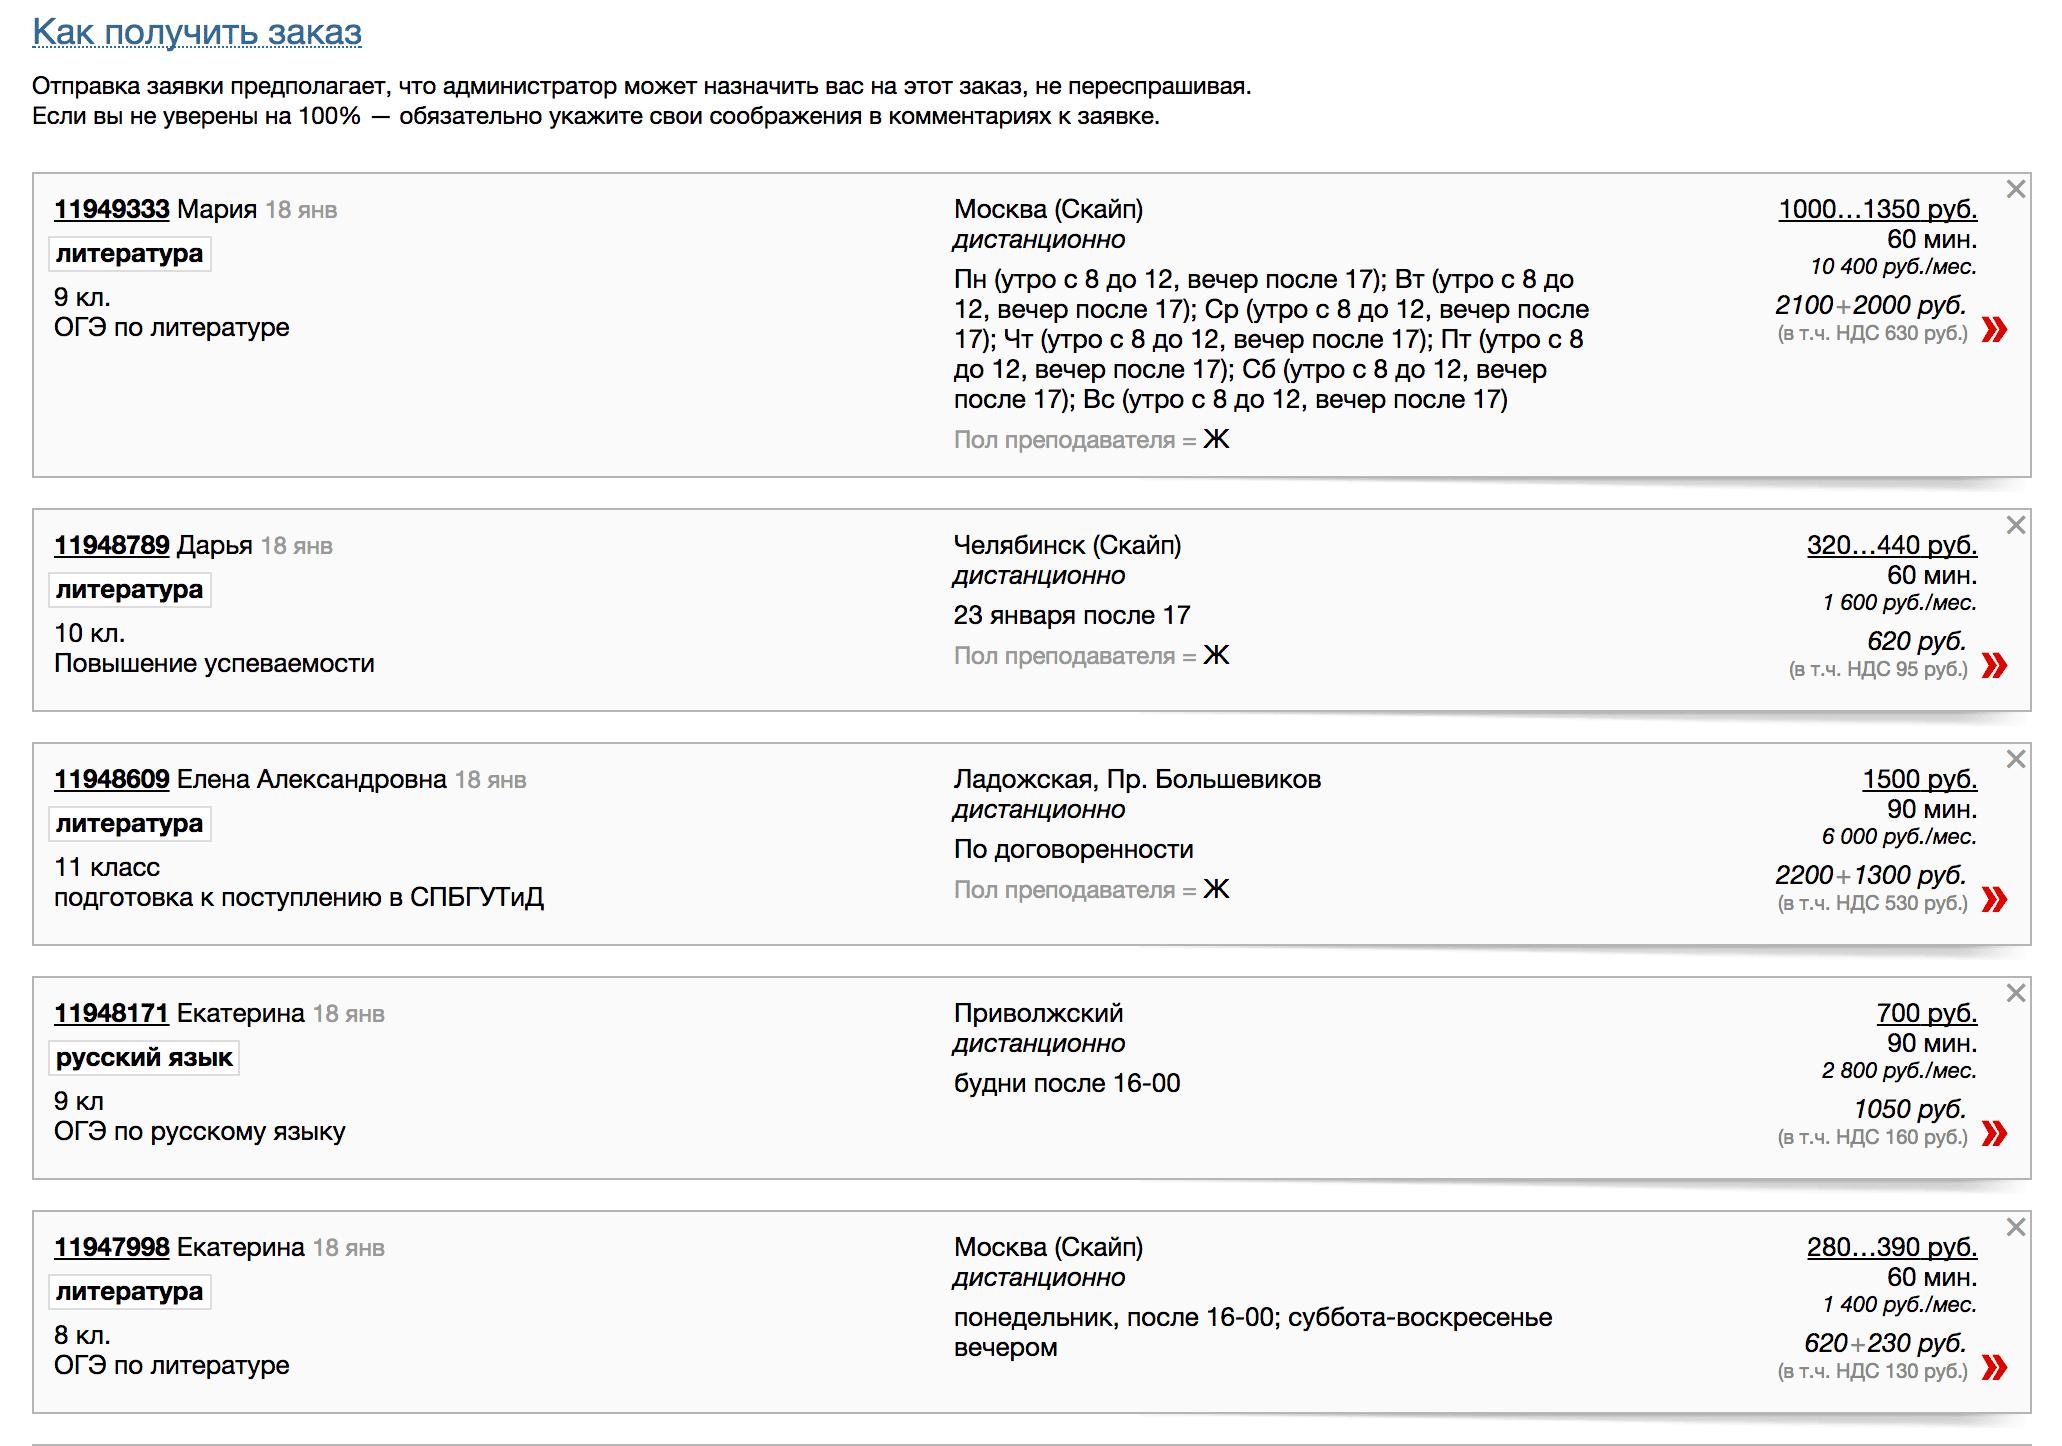 Так выглядит доска заказов, которую видят репетиторы на сайте: заказчики указывают класс, уровень успеваемости, район и даже желаемый пол репетитора